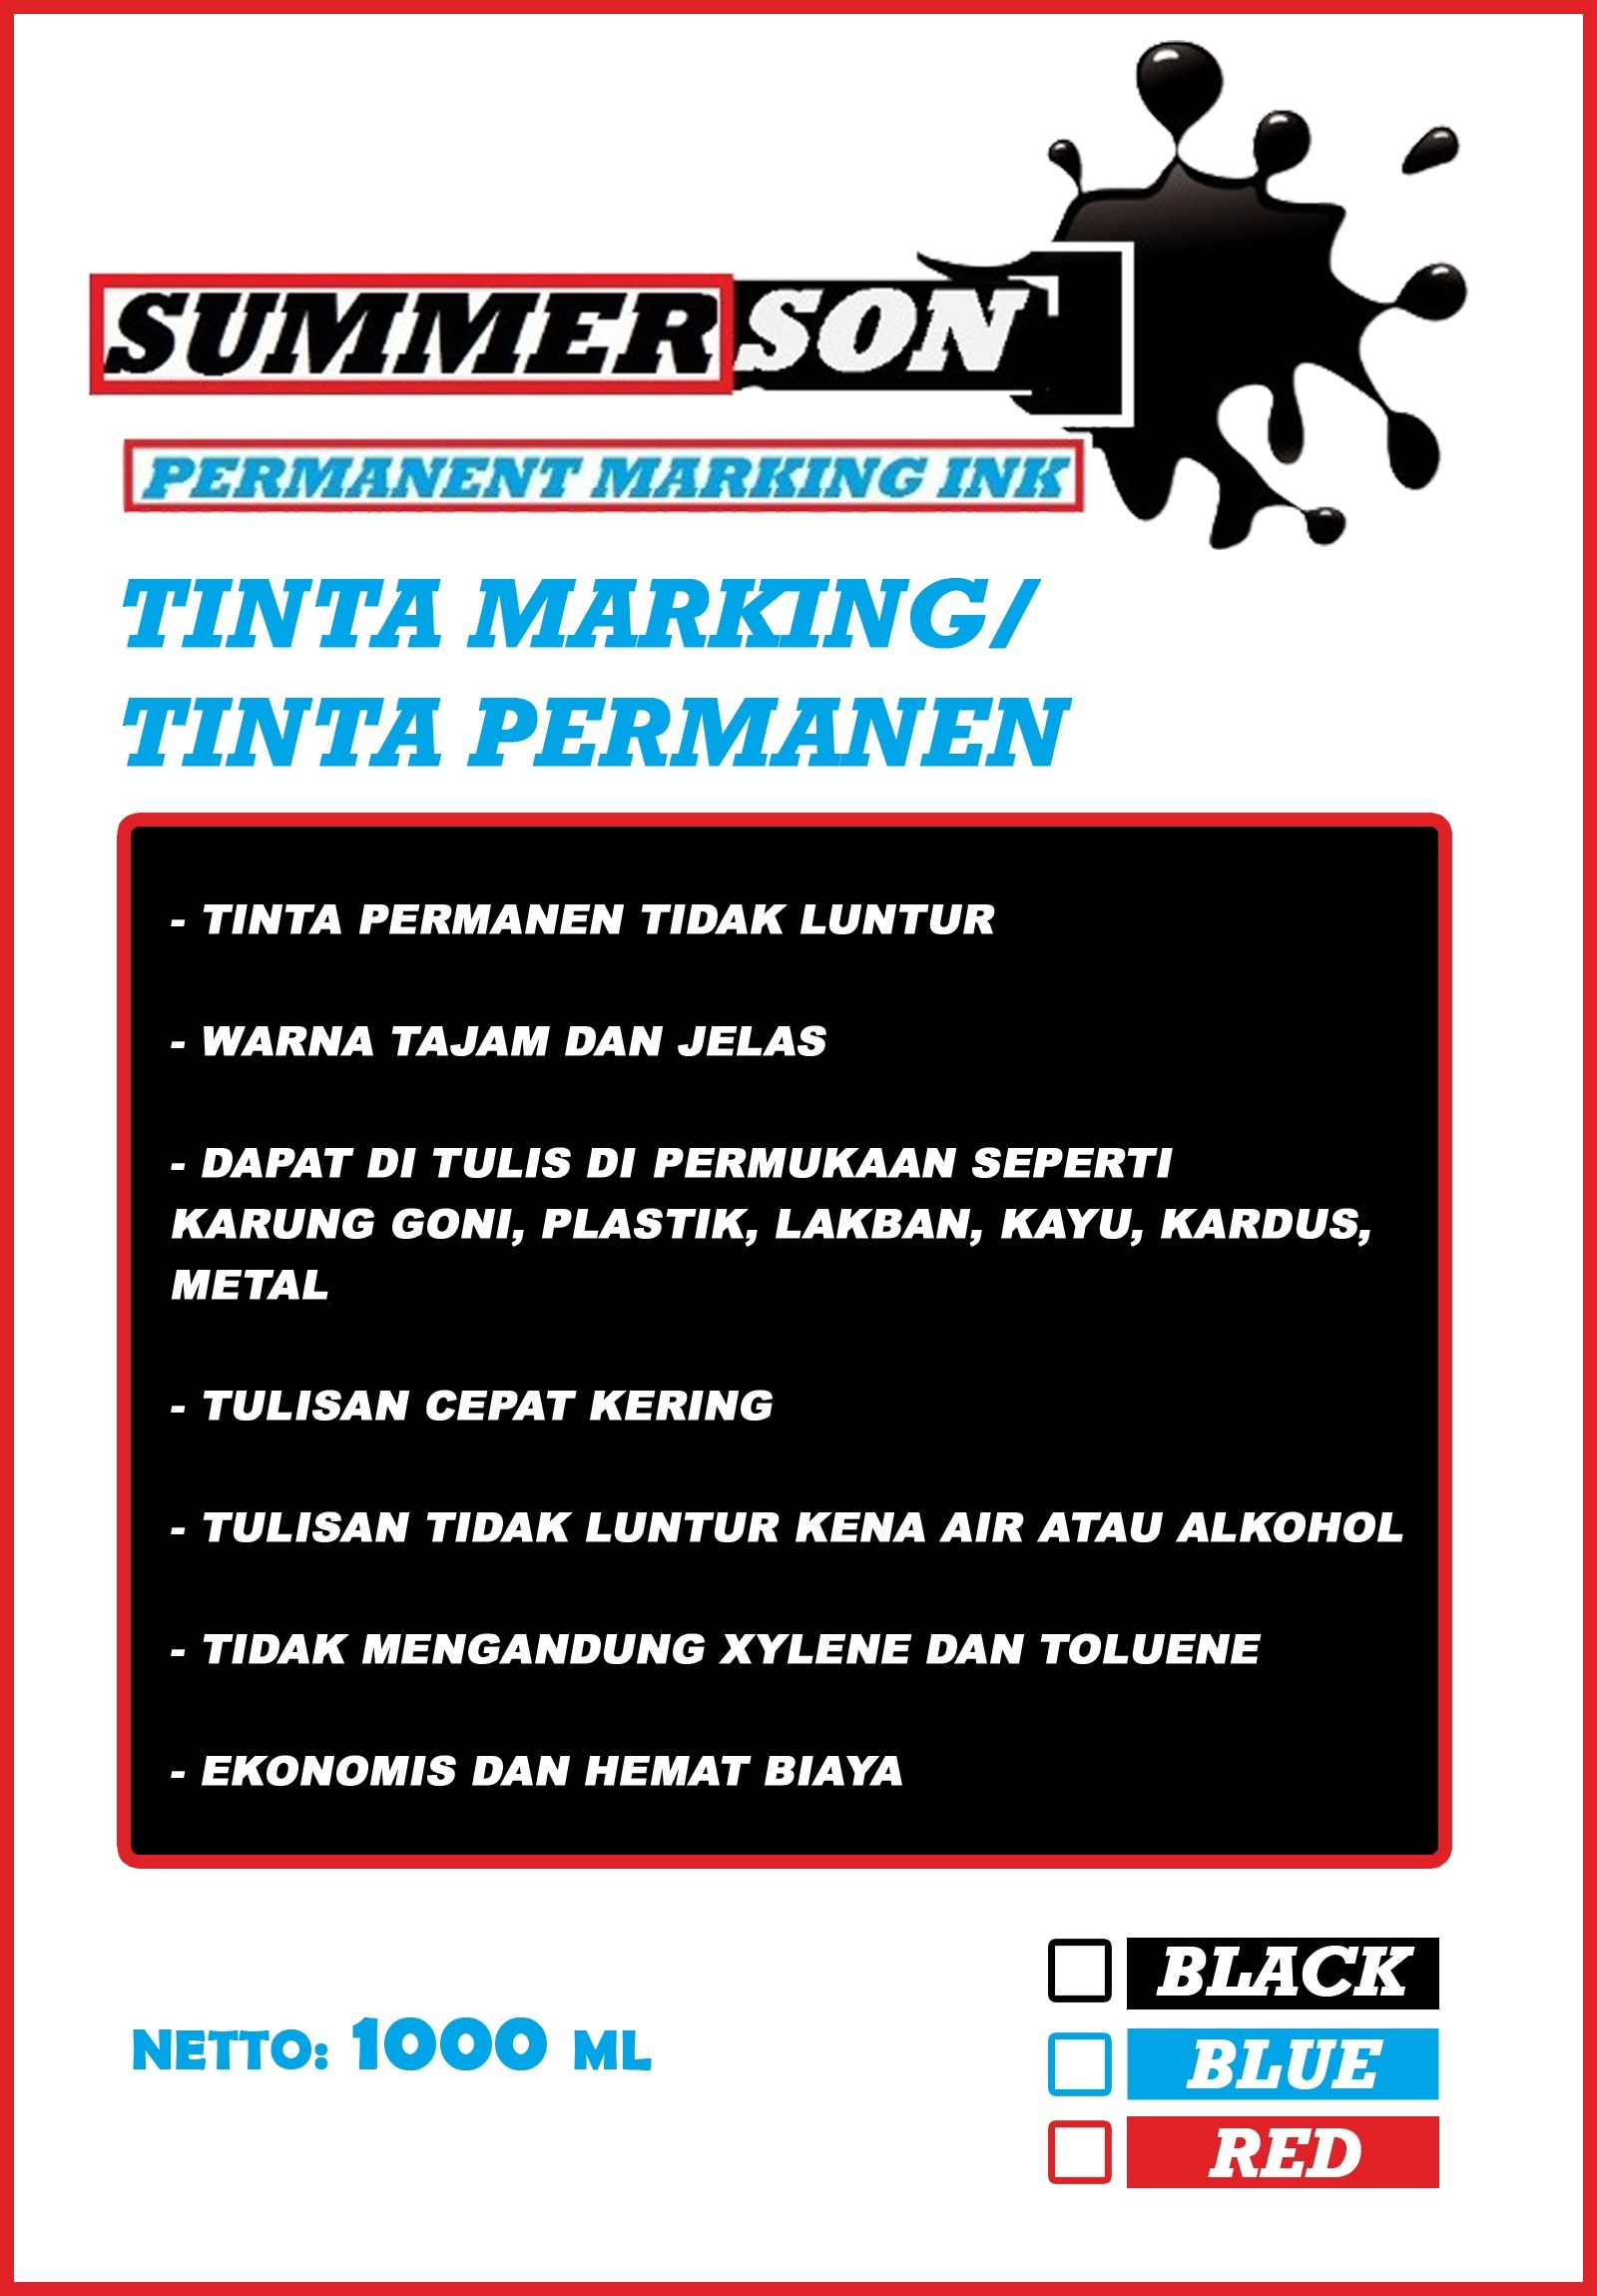 Tinta-Permanen-marking-Summerson-1-Liter-Murah-dan-Berkualitas